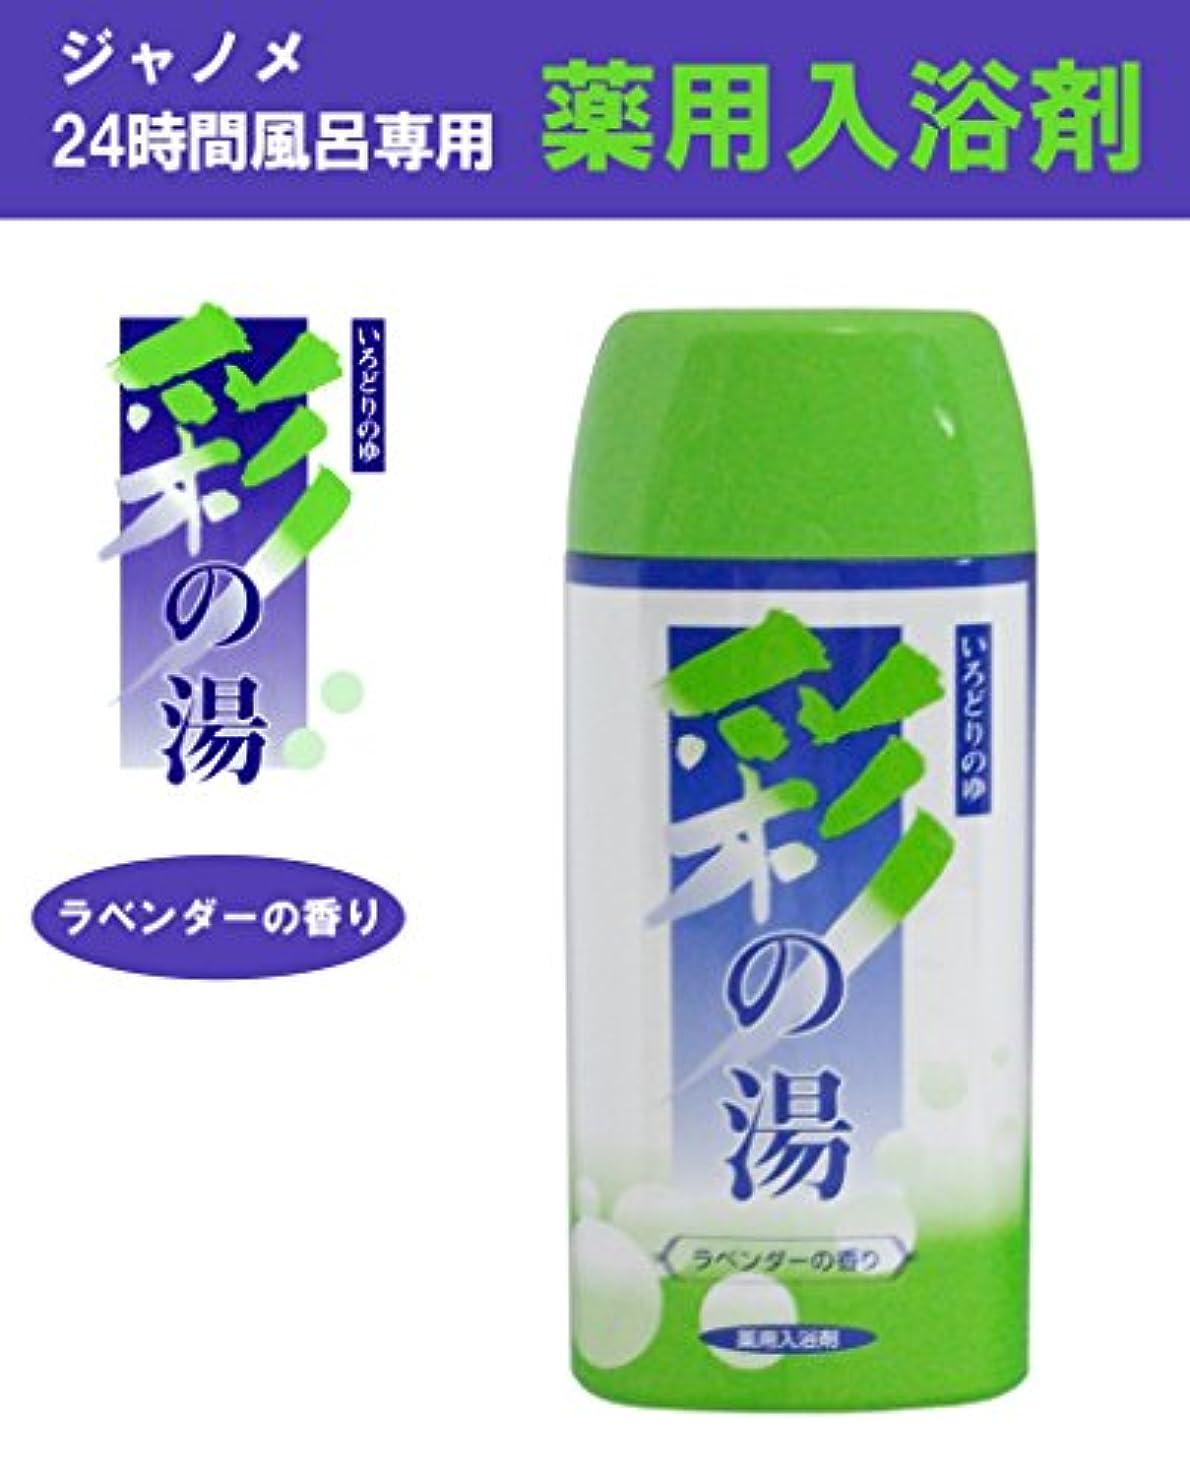 逆説ライセンスポーンジャノメ 彩の湯 (24時間風呂専用 薬用入浴剤 ラベンダーの香り )